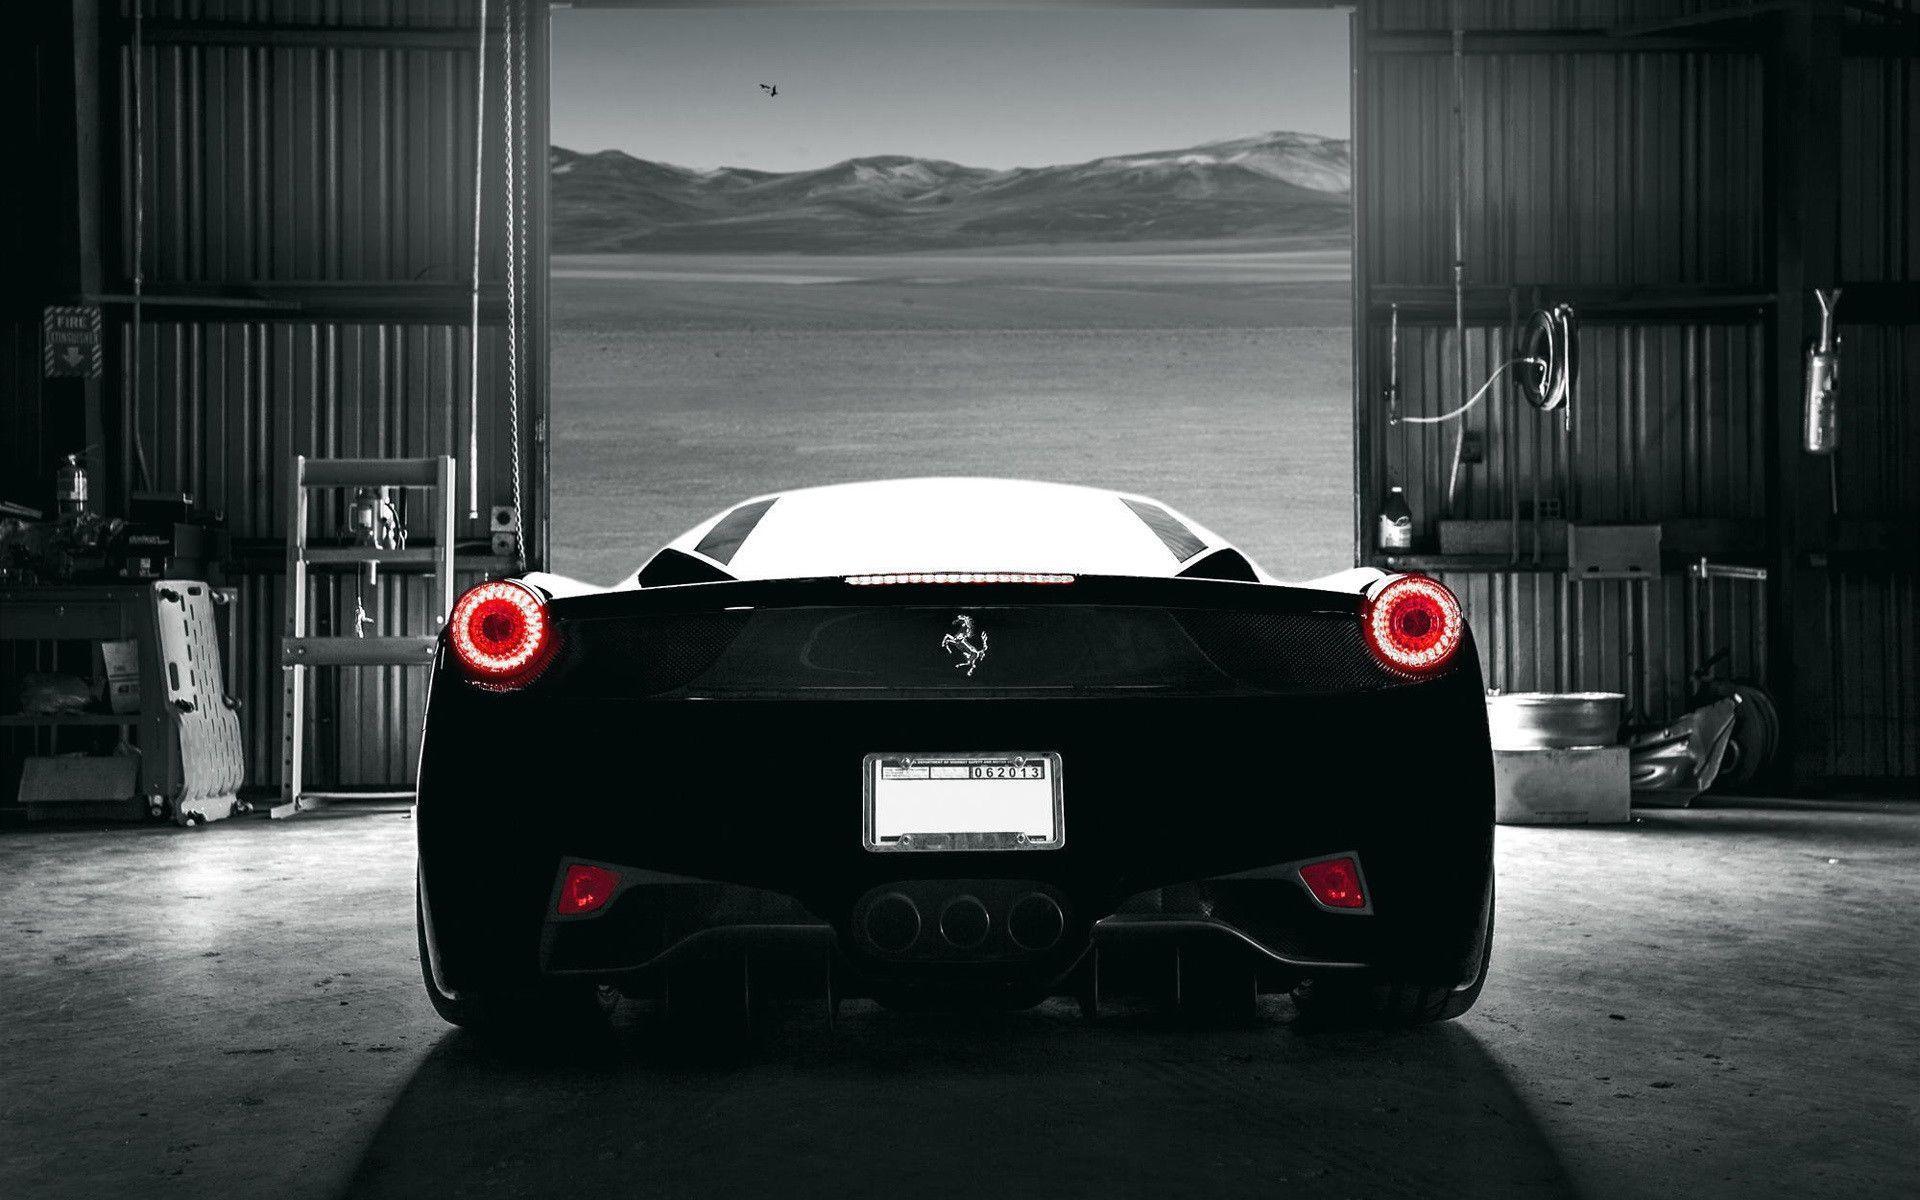 Ferrari 458 Italia Wallpapers Wallpaper Cave